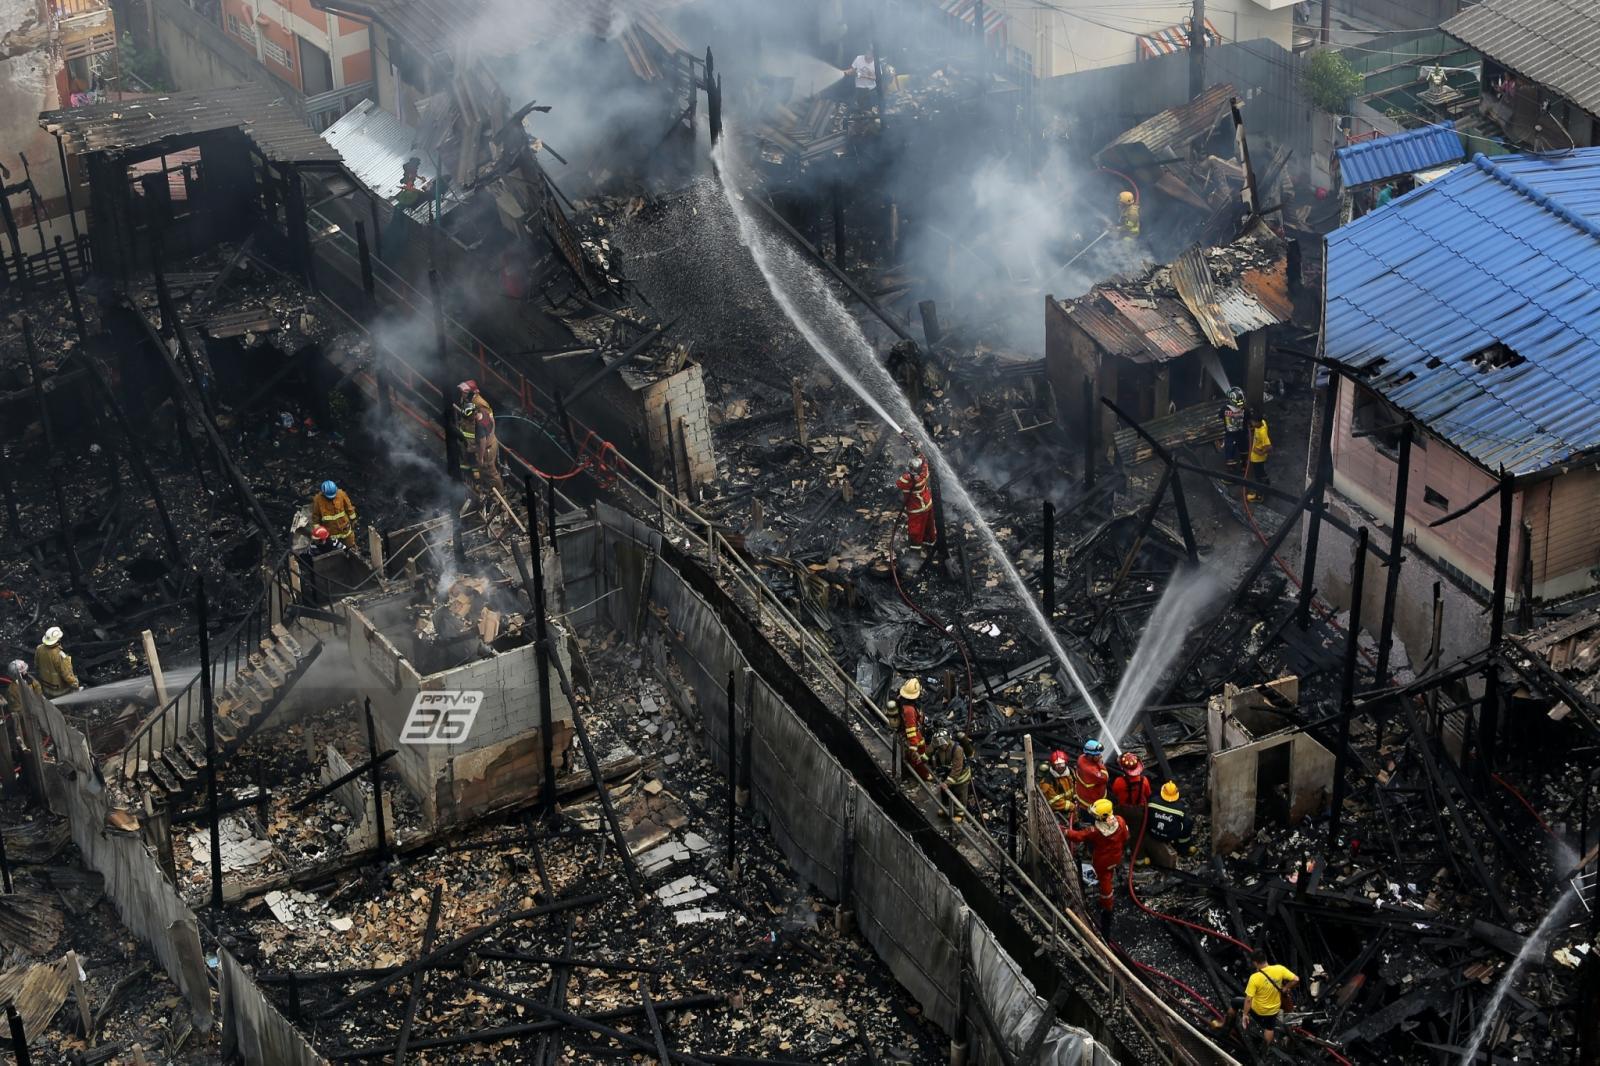 เพลิงสงบ! หลังไฟไหม้ชุมชนวัดมะกอก เบื้องต้นยังไม่ทราบสาเหตุ